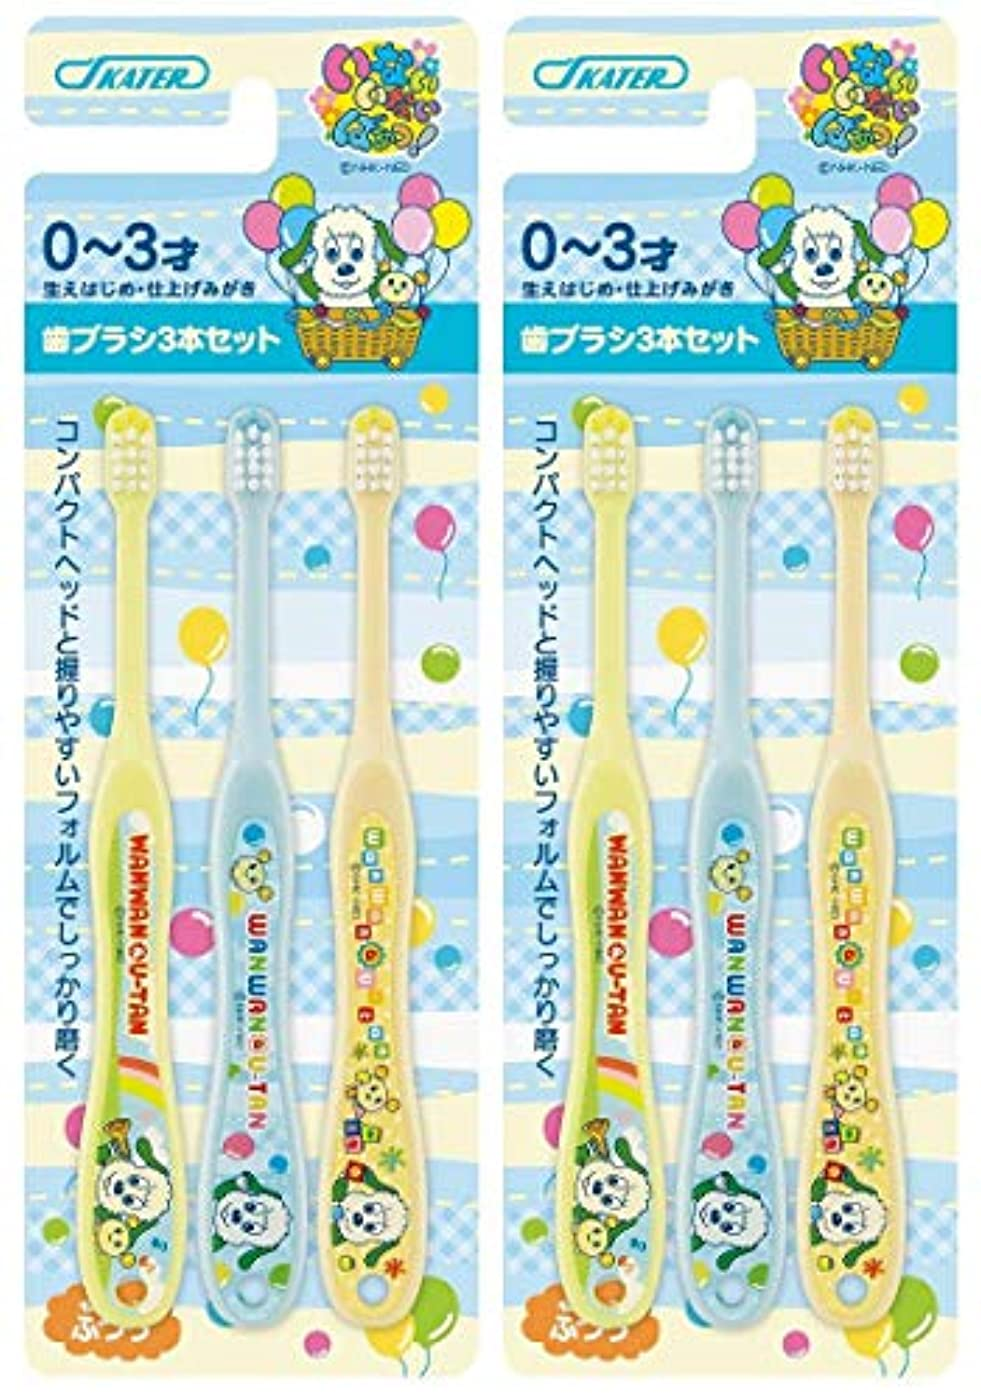 バスケットボールいま争いスケーター 歯ブラシ 乳児用 0-3才 普通 6本セット (3本セット×2個) いないいないばあ TB4T